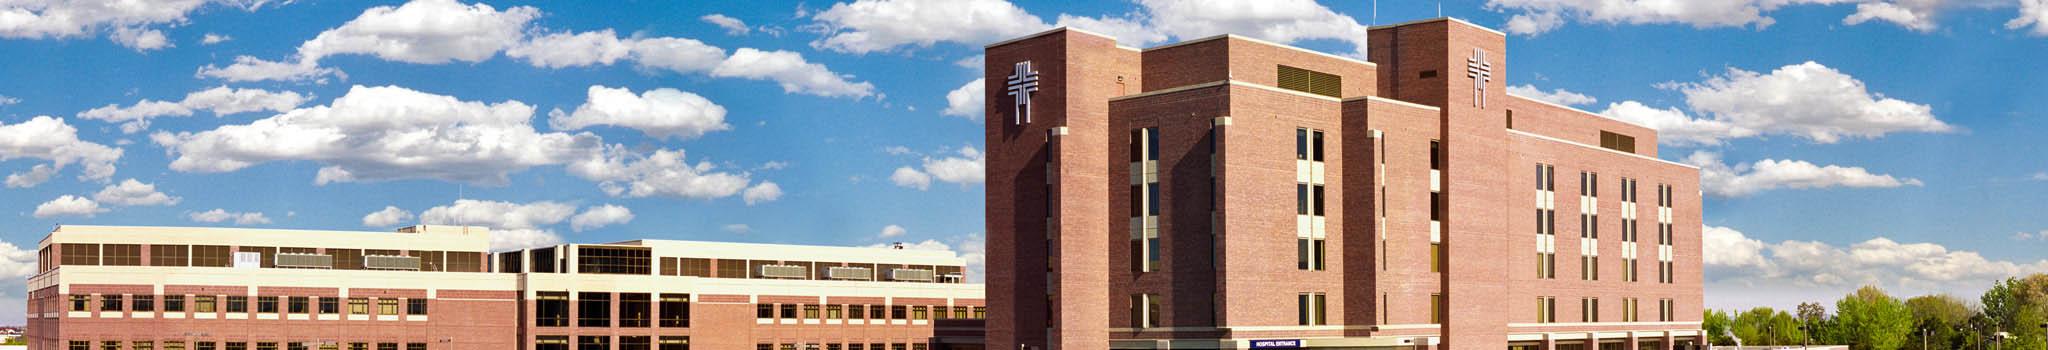 StLukesbuilding-mer-hospital-lm jpg